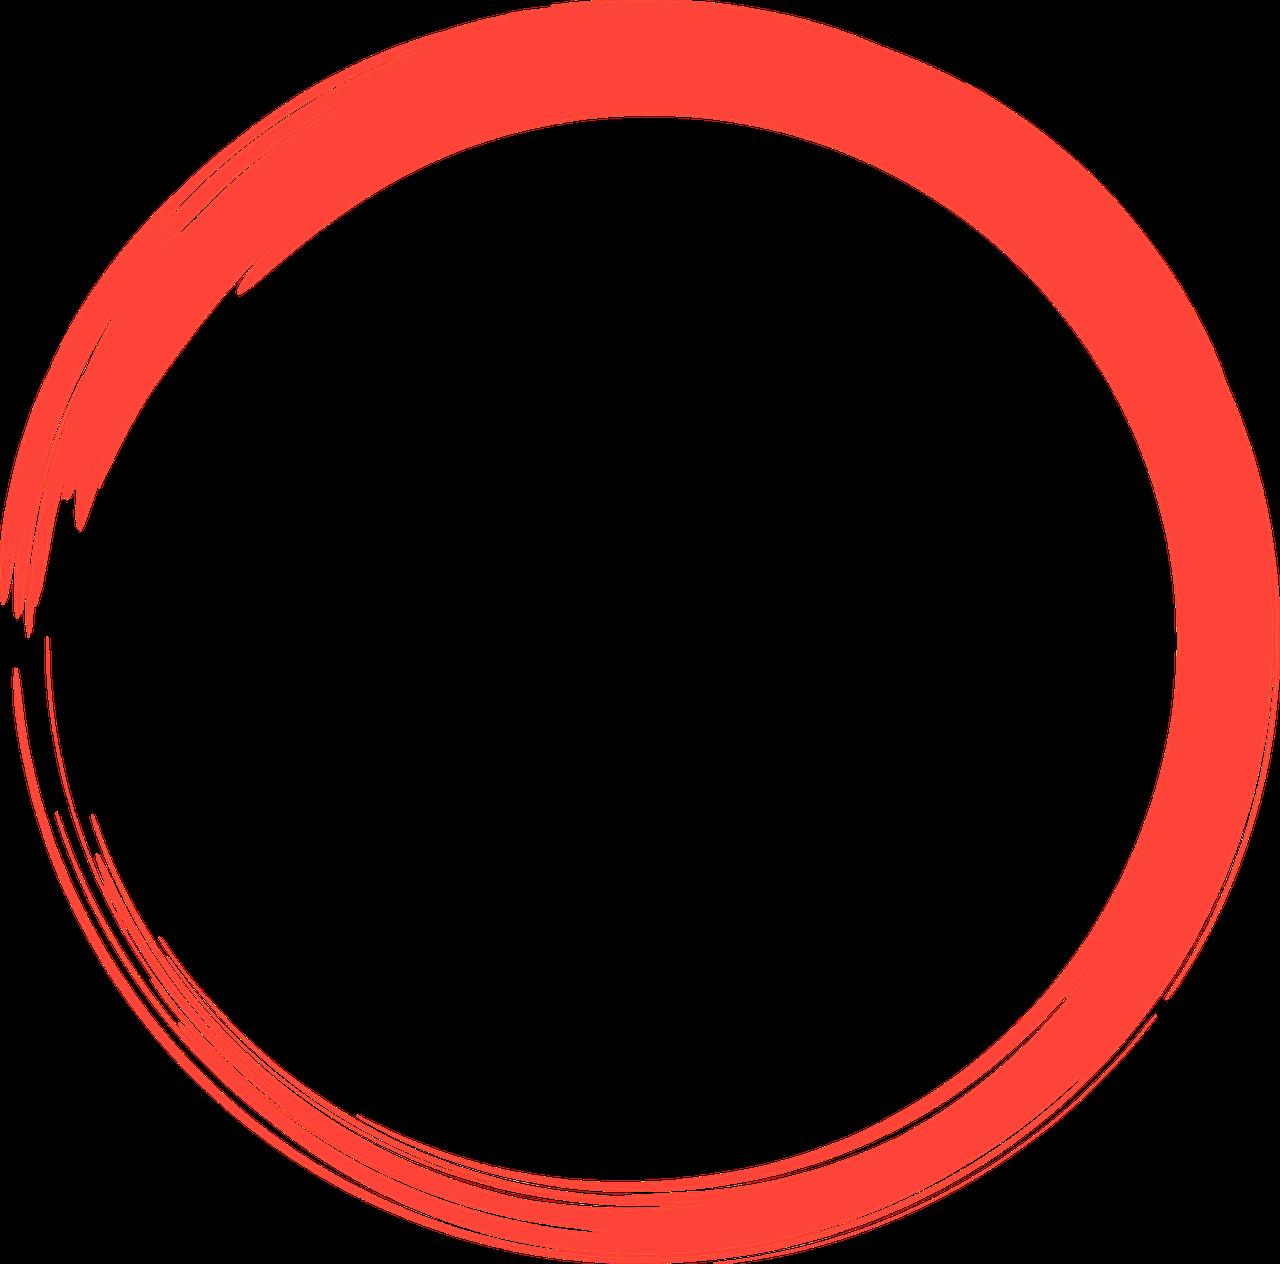 red, circle, logo